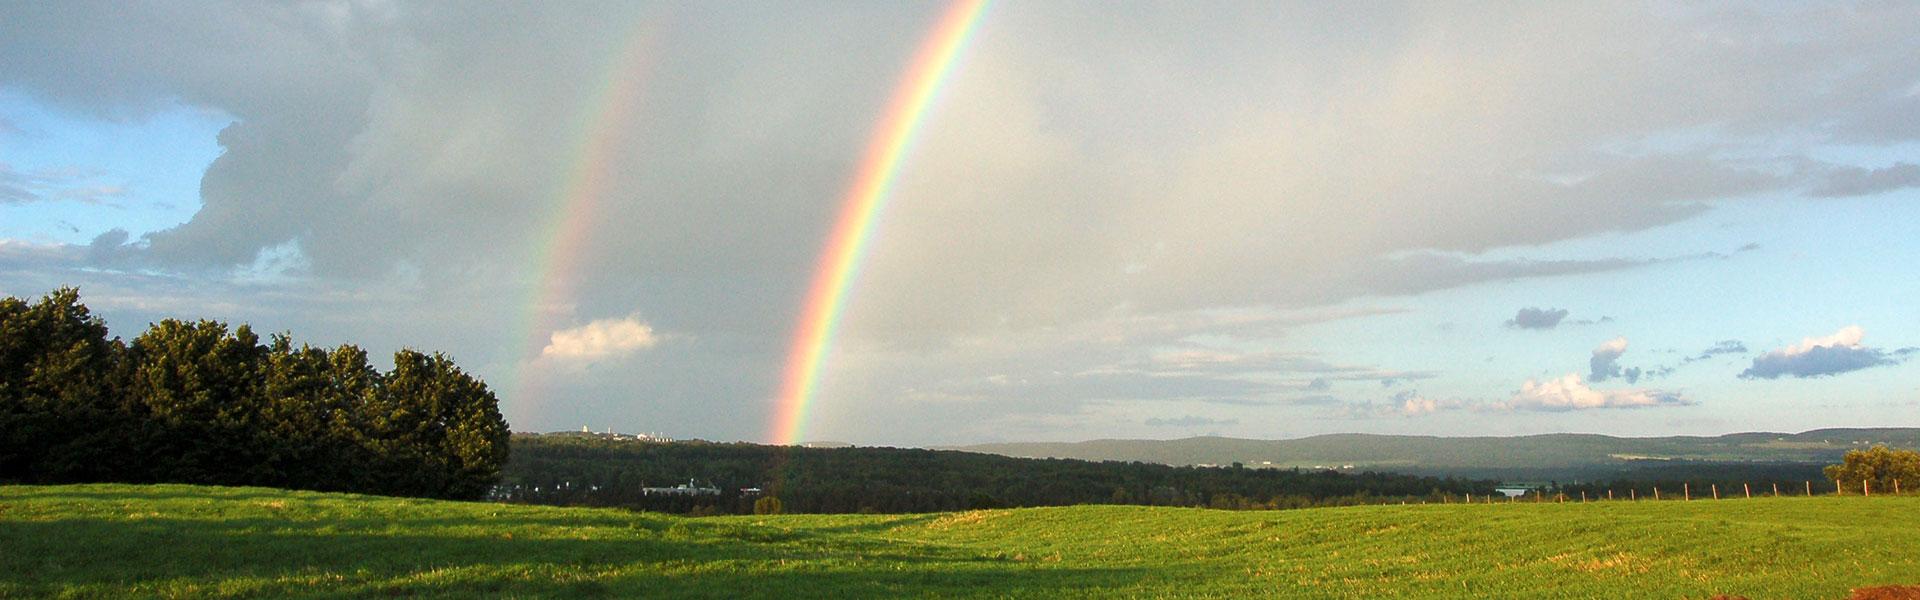 arc-en-ciel dans les champs